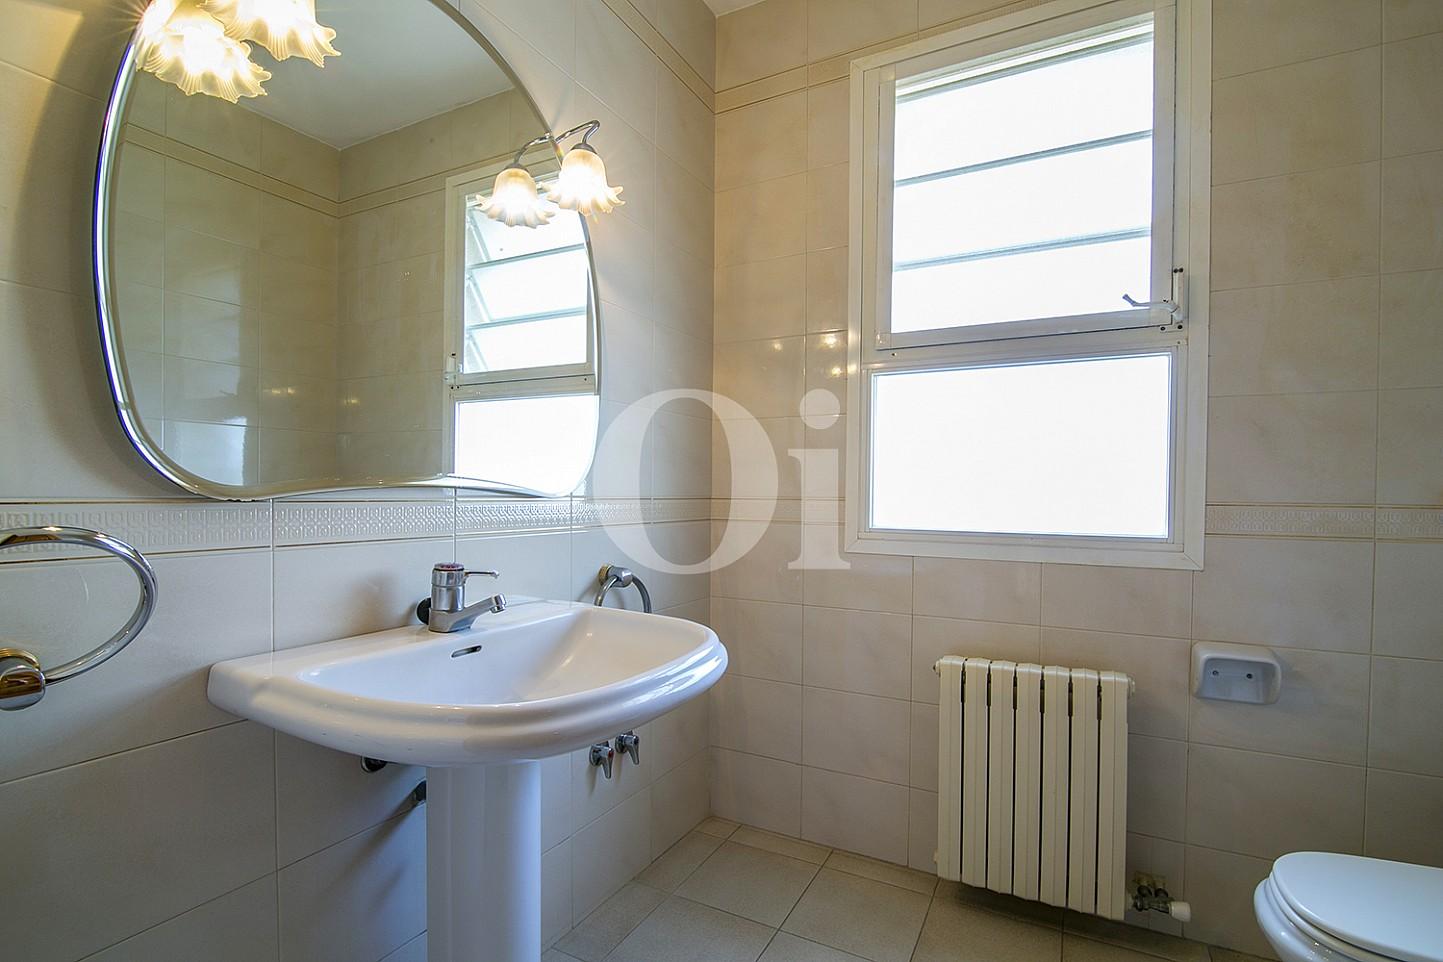 Ванная комната эксклюзивного жилья на Mas Ram в Бадалоне